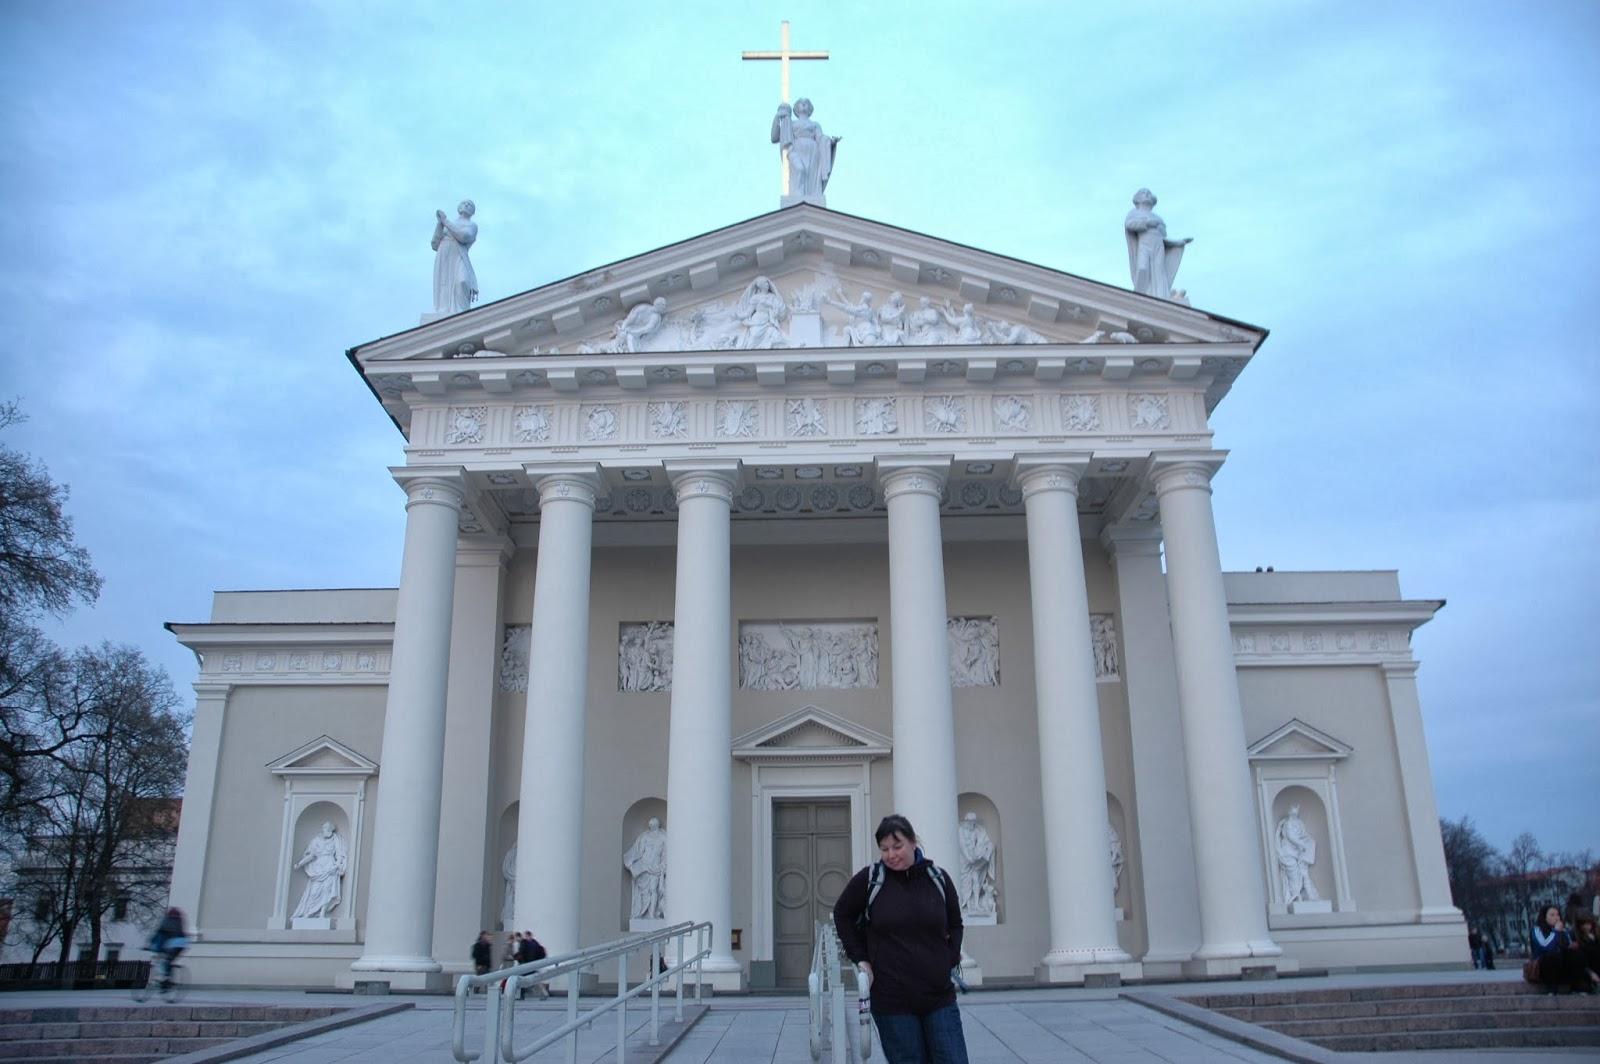 Bazylika w Wilnie